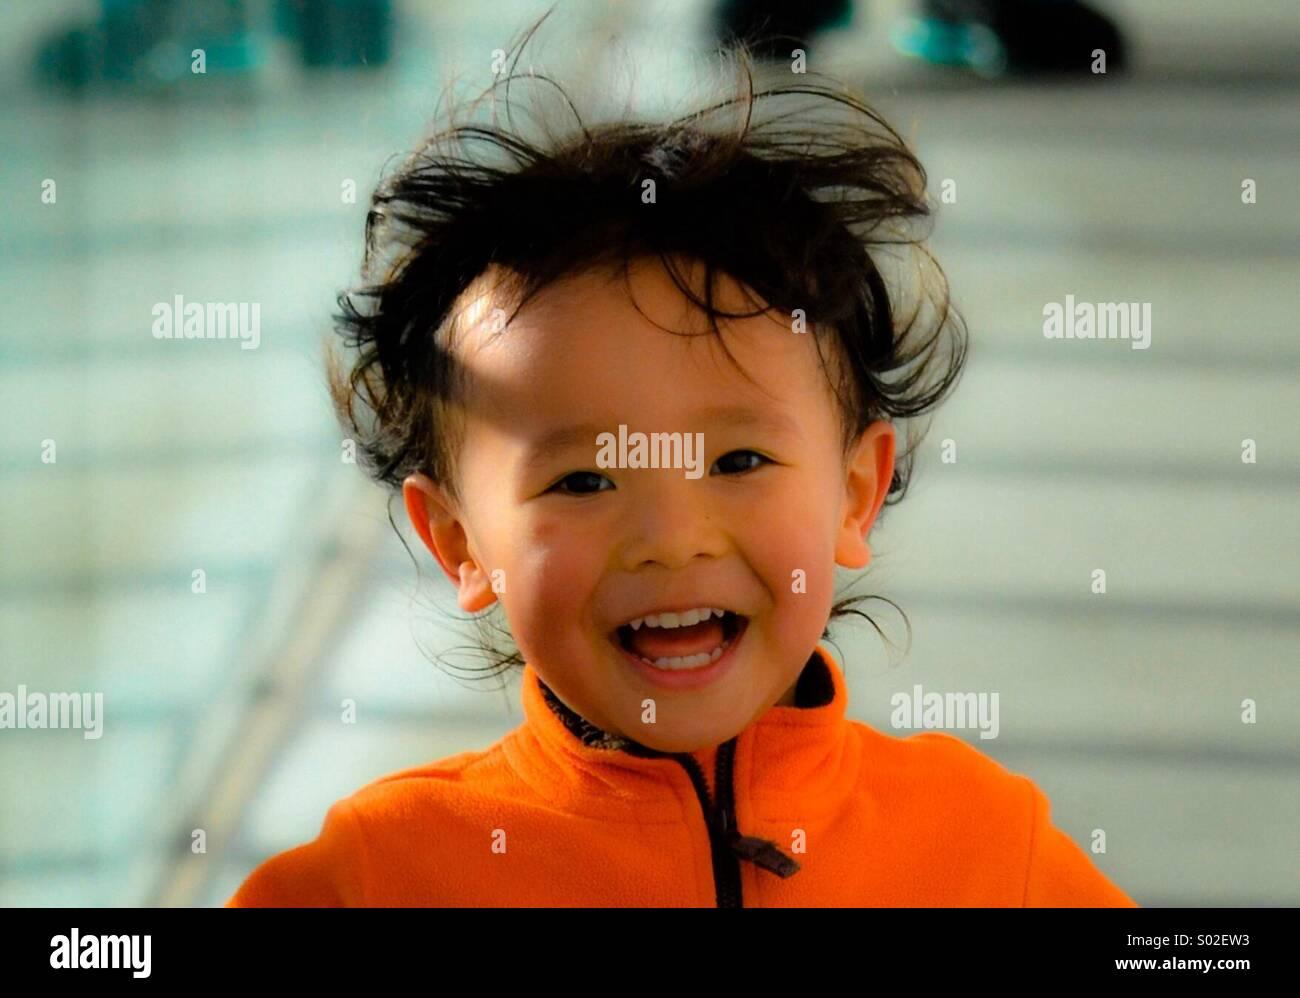 3 ano de idade Luís S. do Japão é executado e lough acenderá olhando para a câmara em Rinkaekoen Imagens de Stock